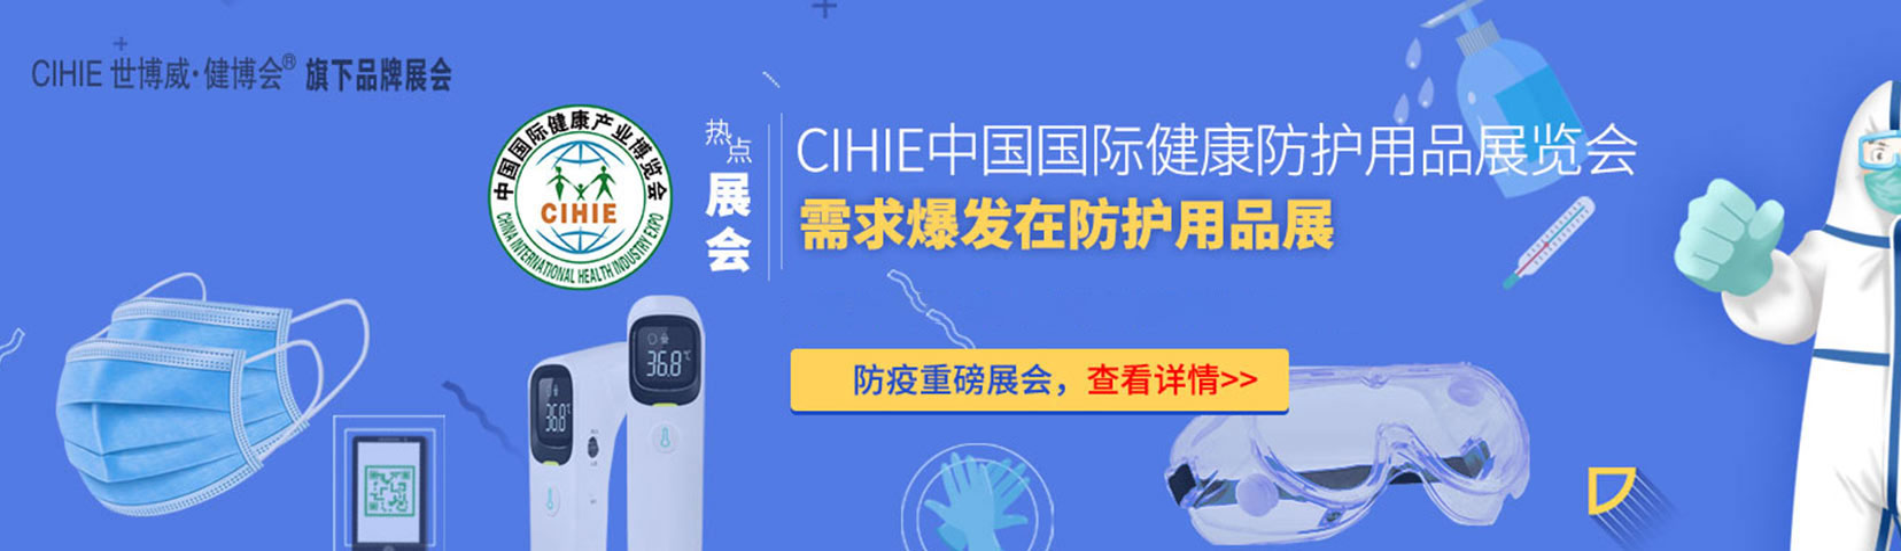 中国国际健康防护用品展览会